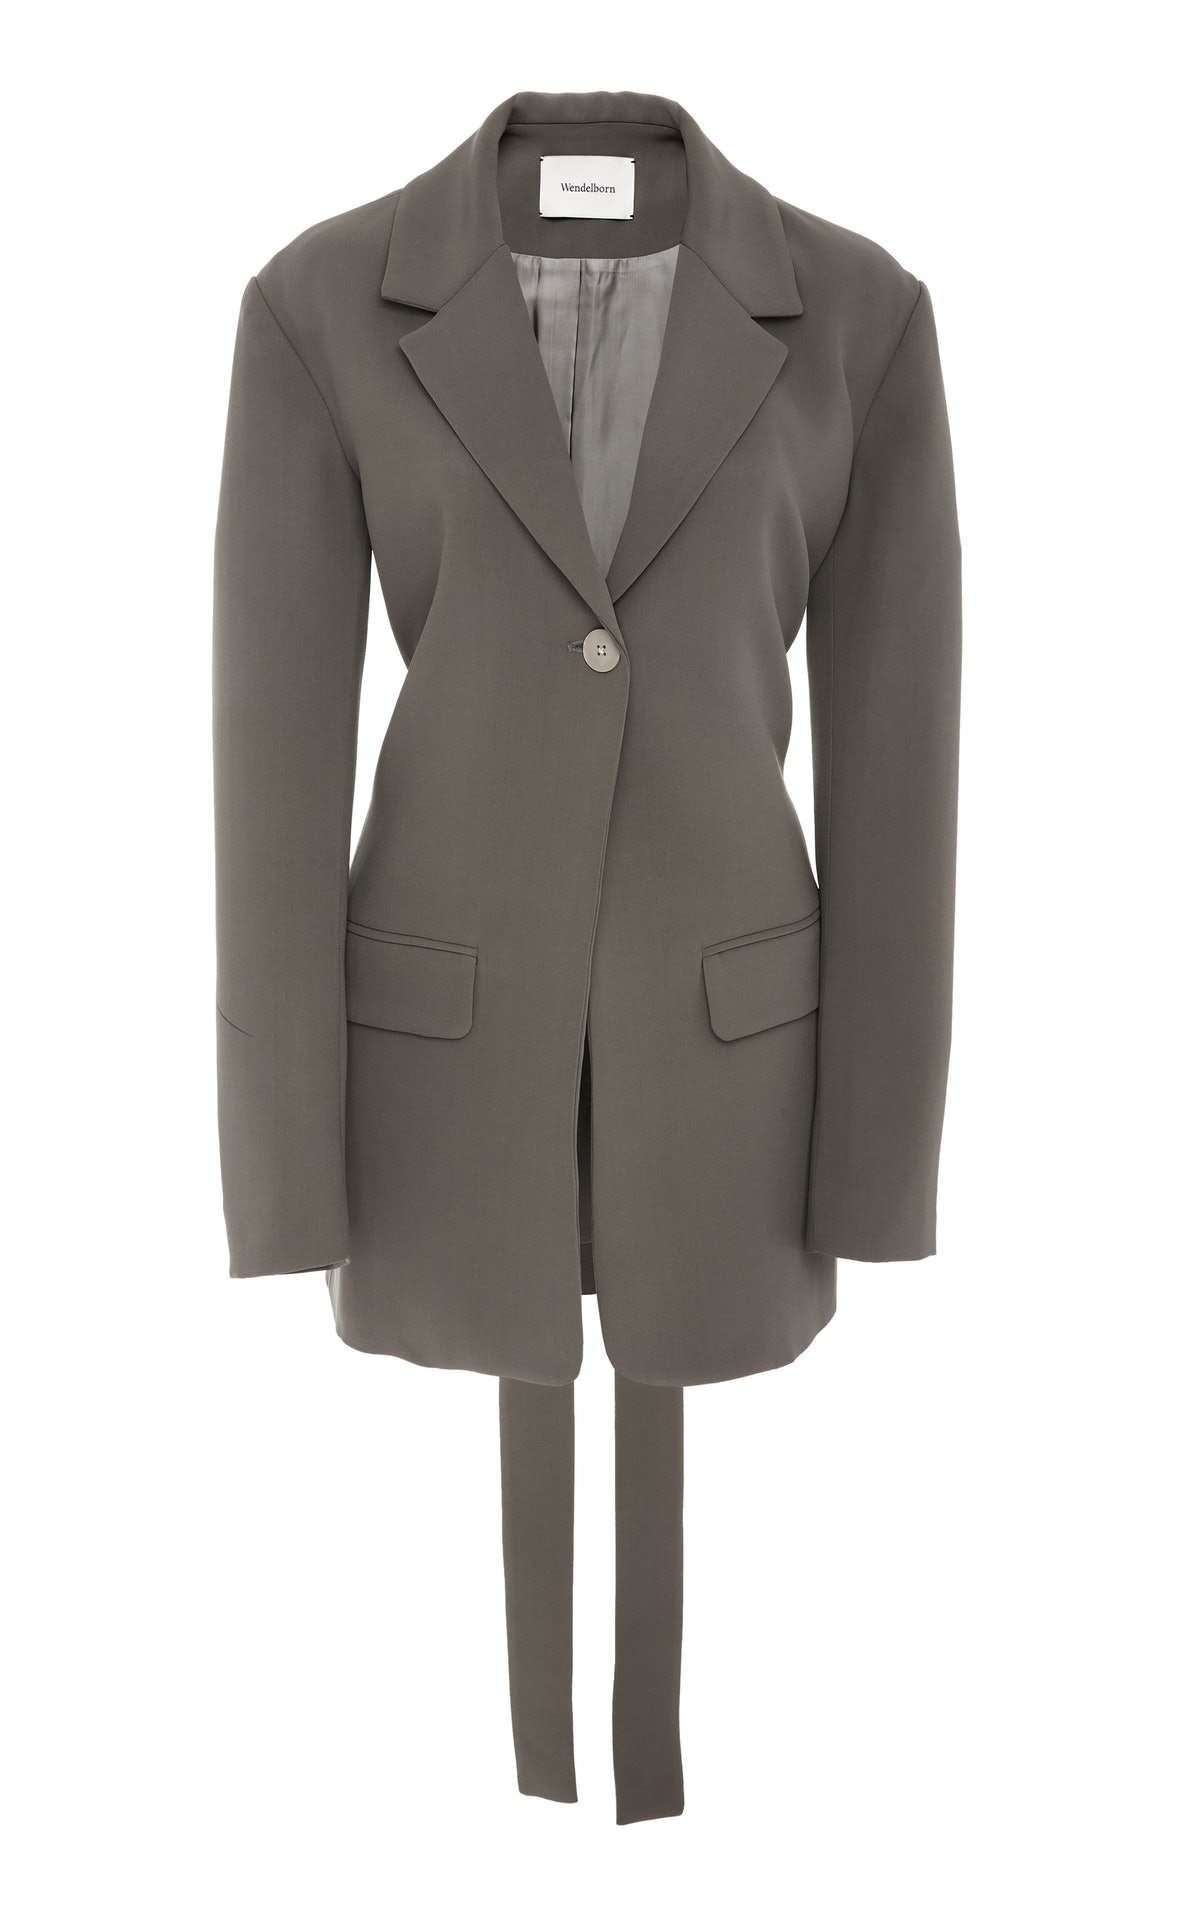 Oversized Tailored Jacket